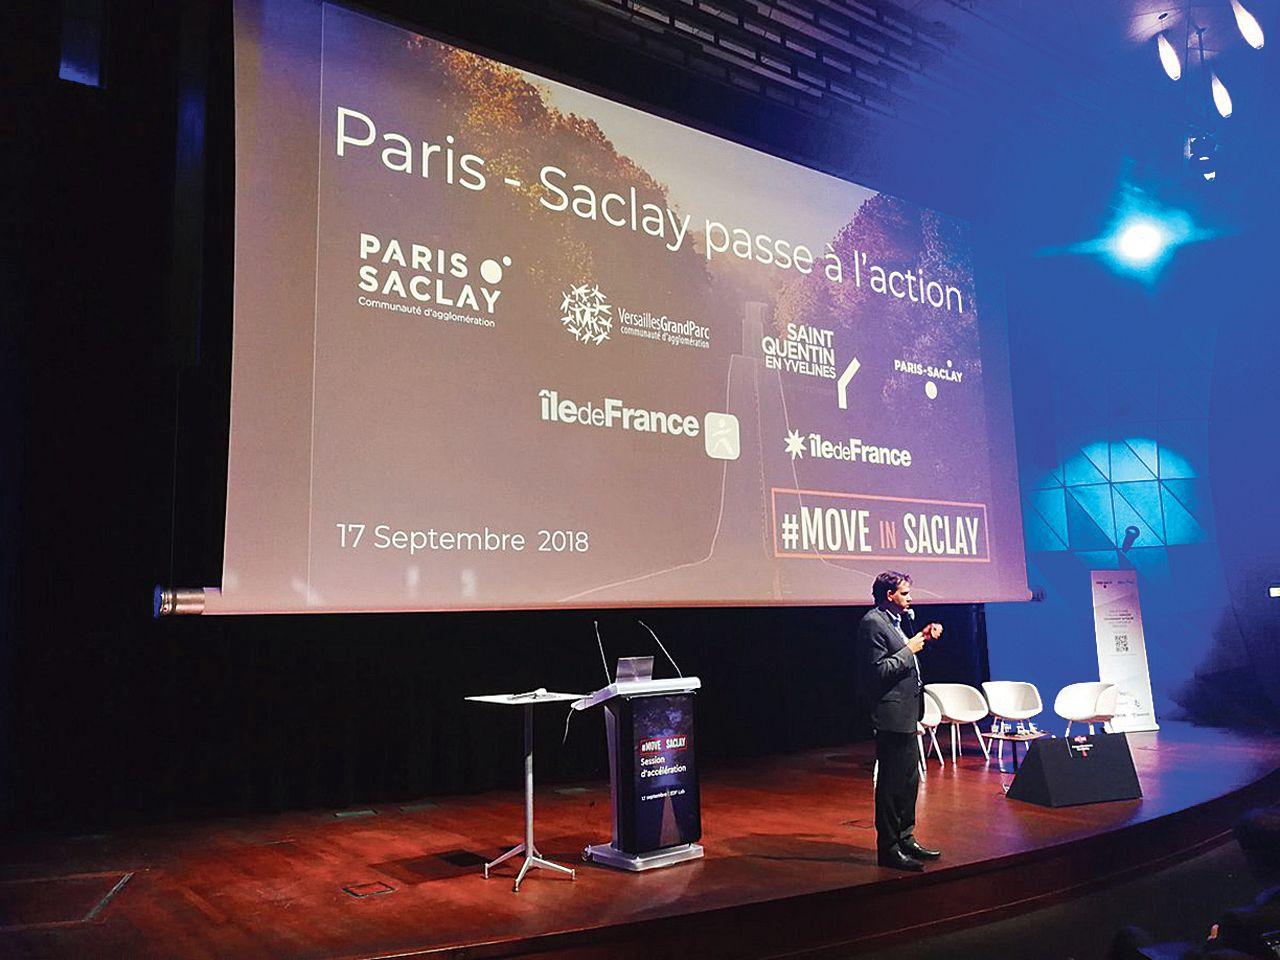 Paris-Saclay mise surune application pour réduire sa congestion automobile